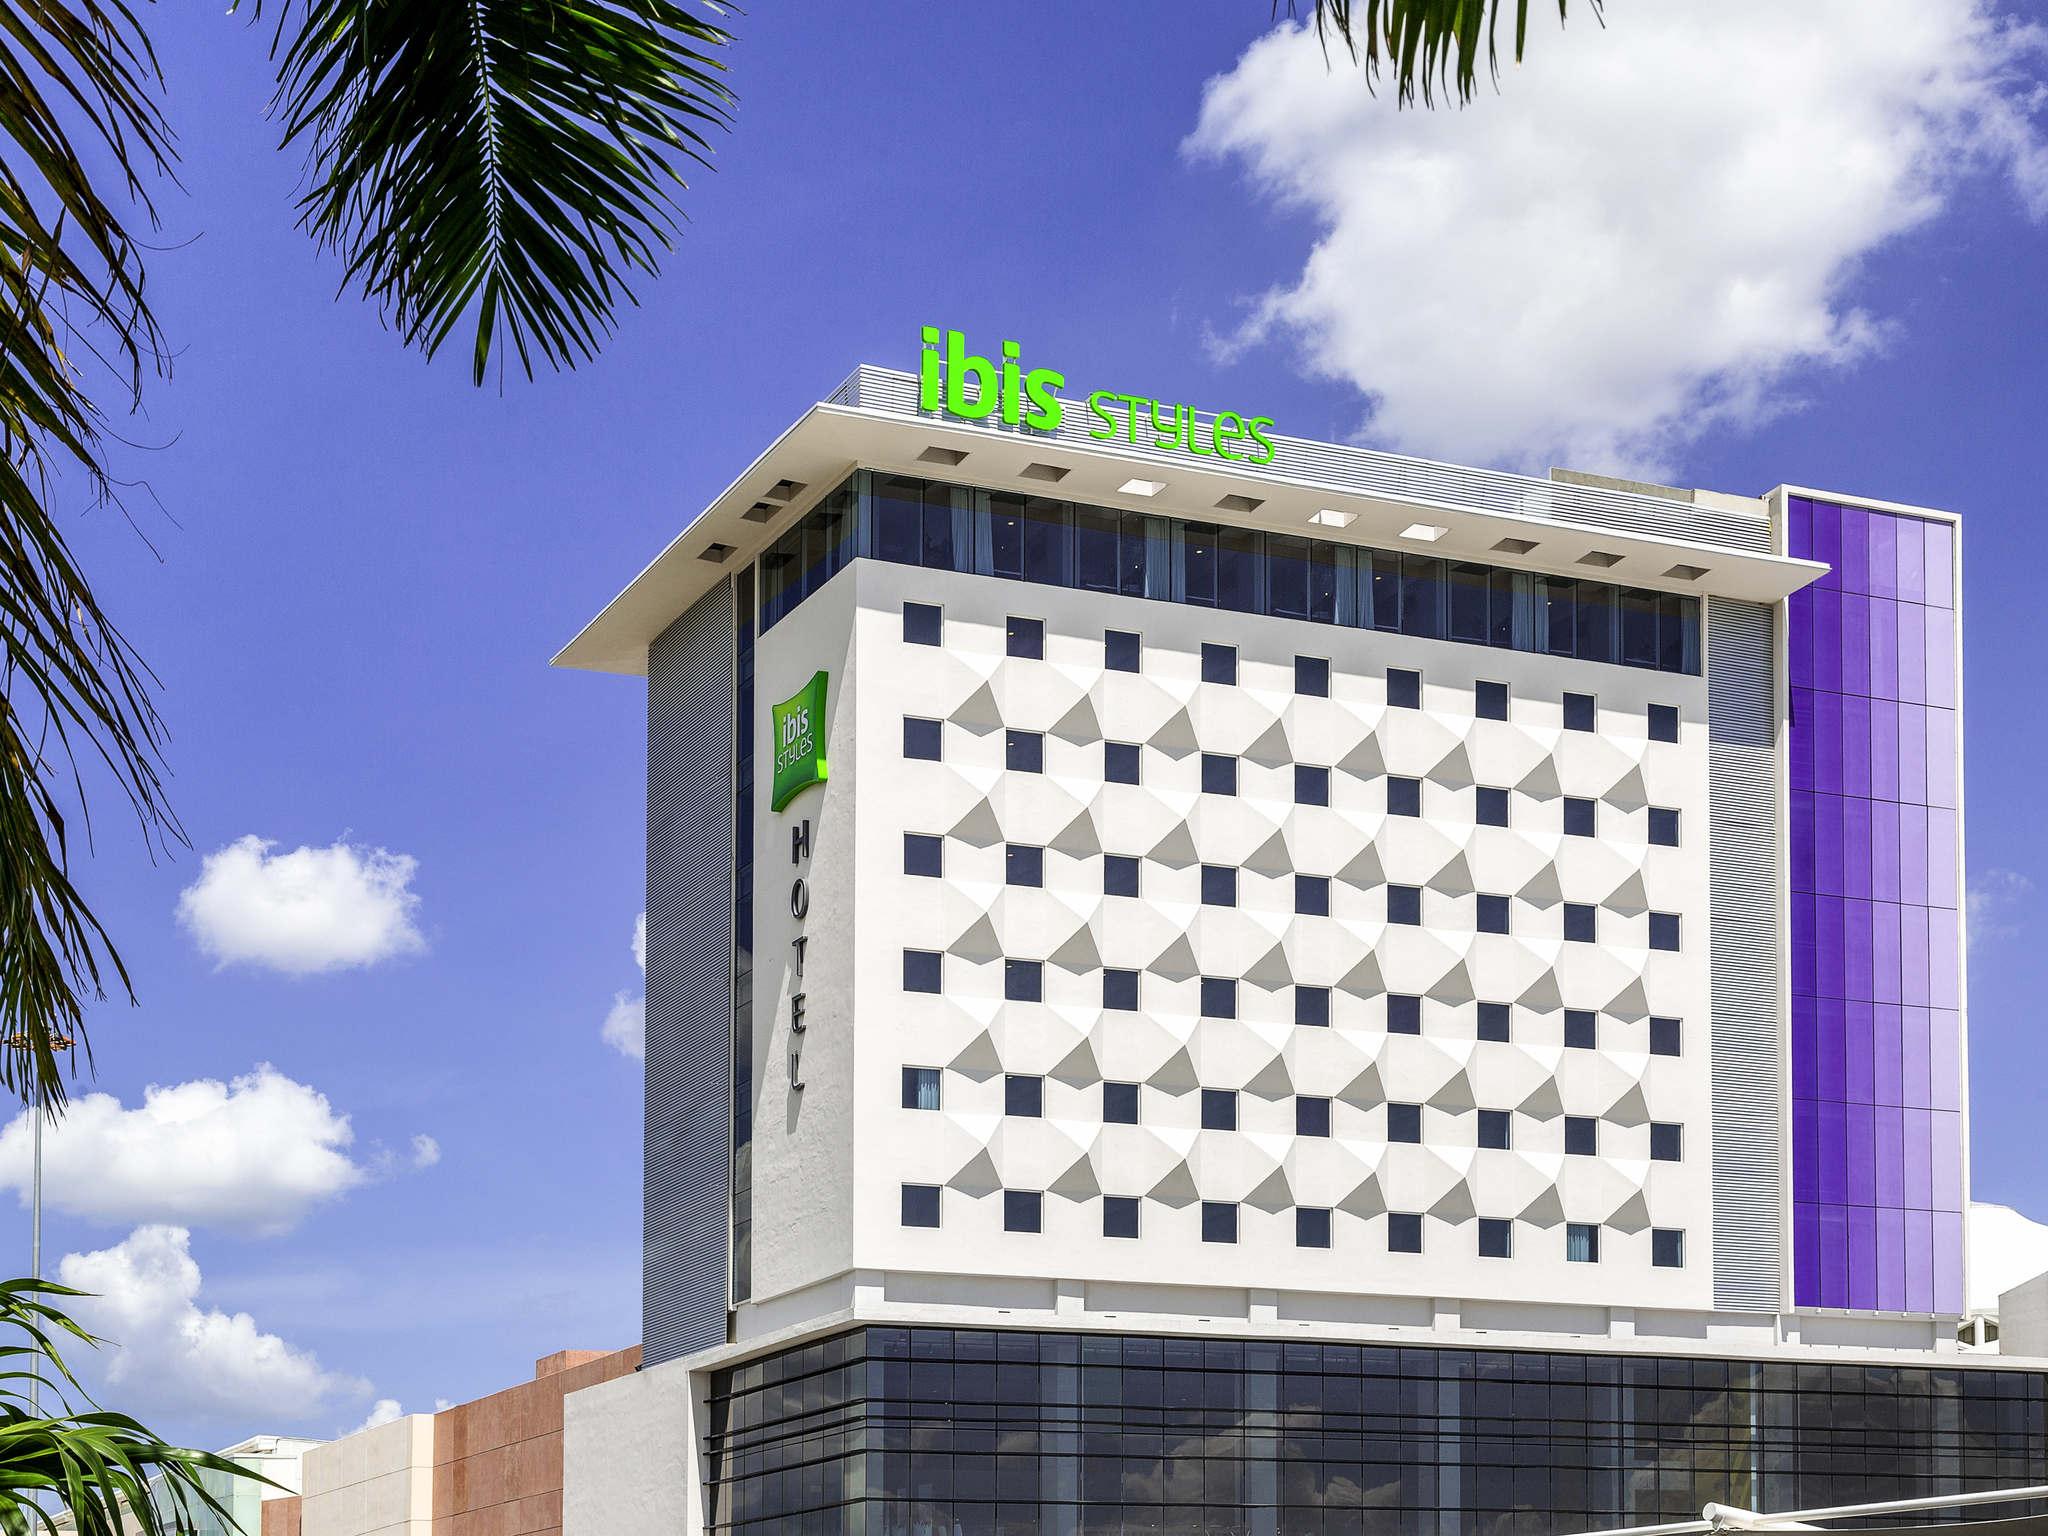 Hotel – ibis Styles Mérida Galerias (abre em agosto de 2018)